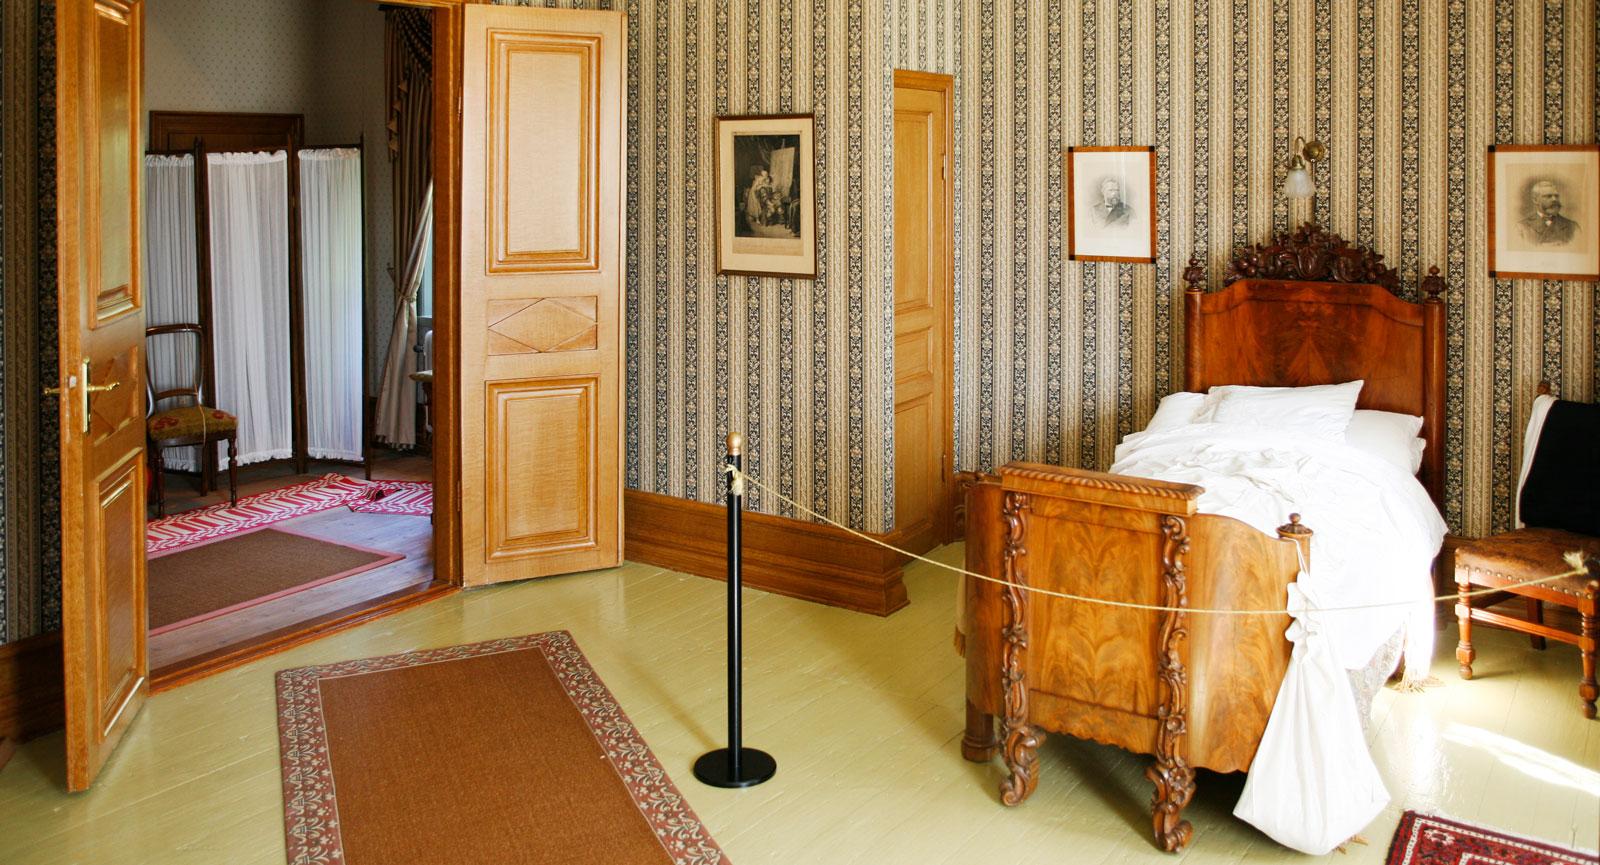 Sovrummet där Alfred Nobel sov under somrarna.